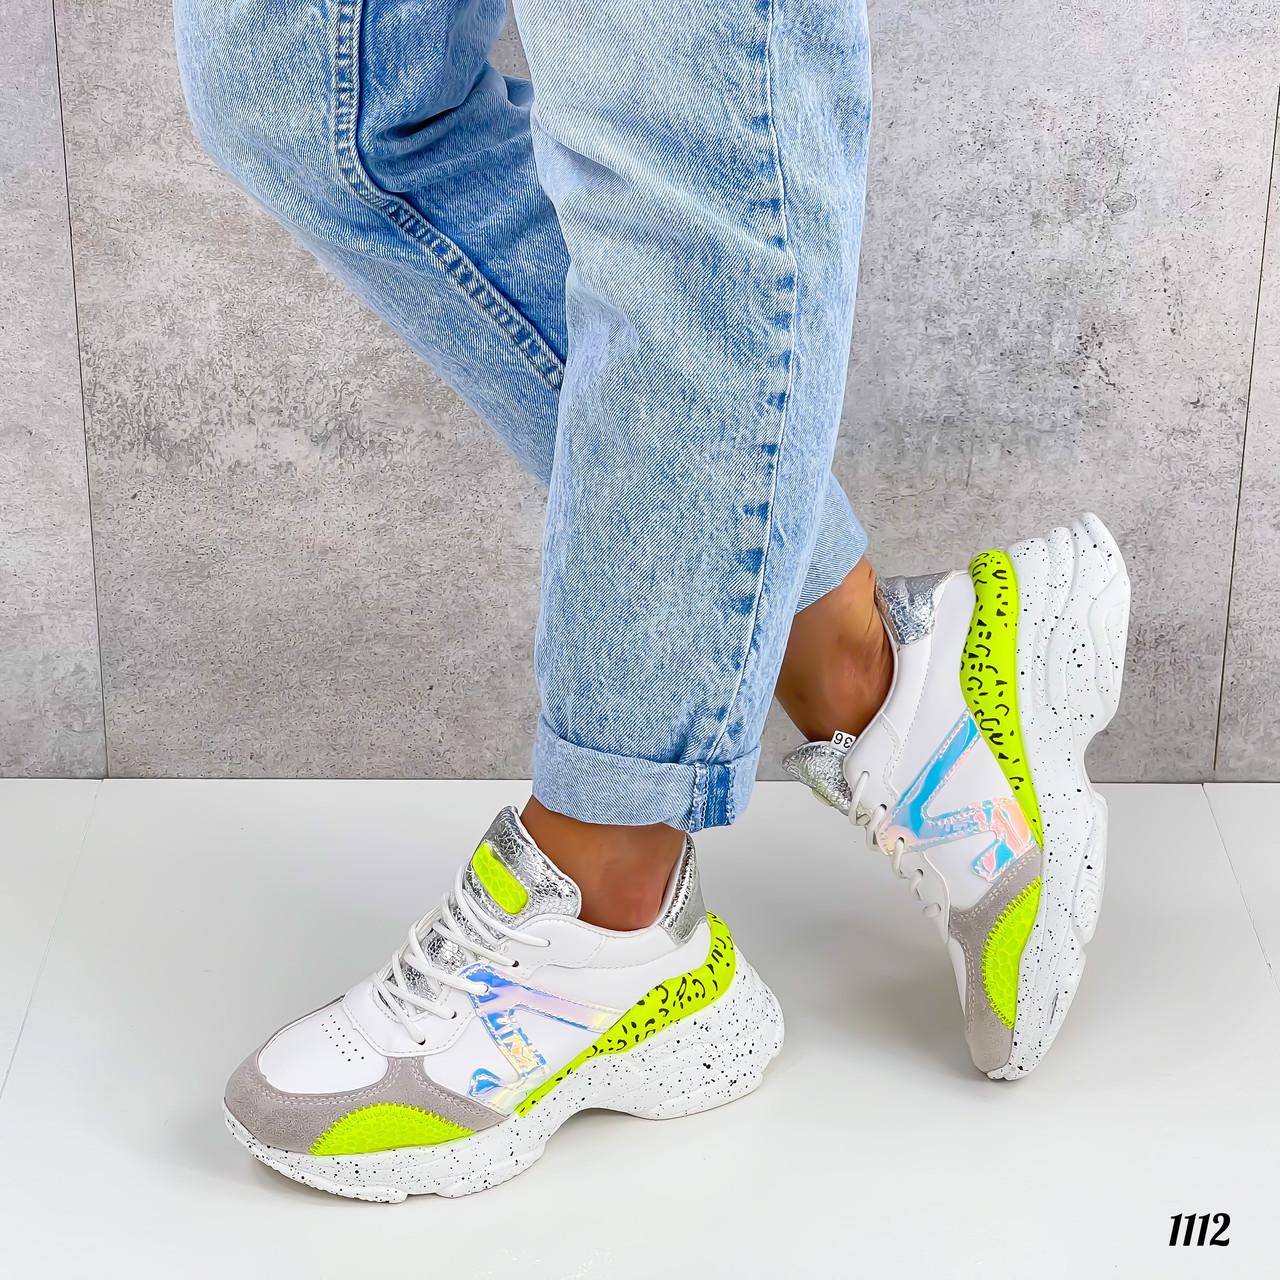 Тільки на 24 см! Кросівки жіночі білі з зеленим / жовтим еко - шкіра + сітка весна - літо - осінь